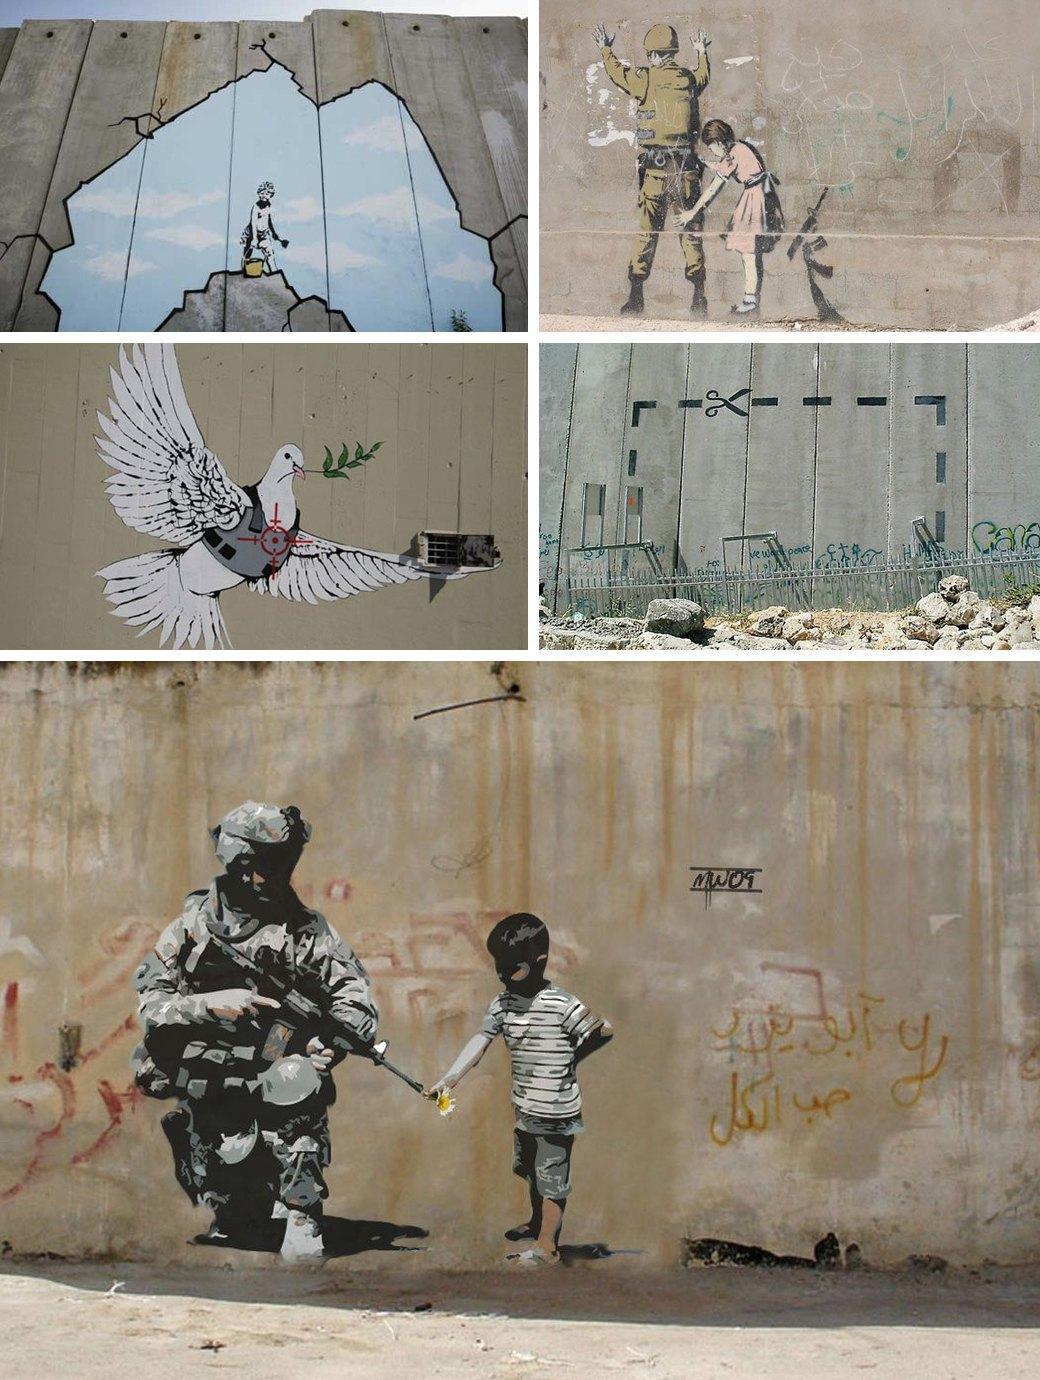 Гид по граффити в странах третьего мира. Изображение № 9.